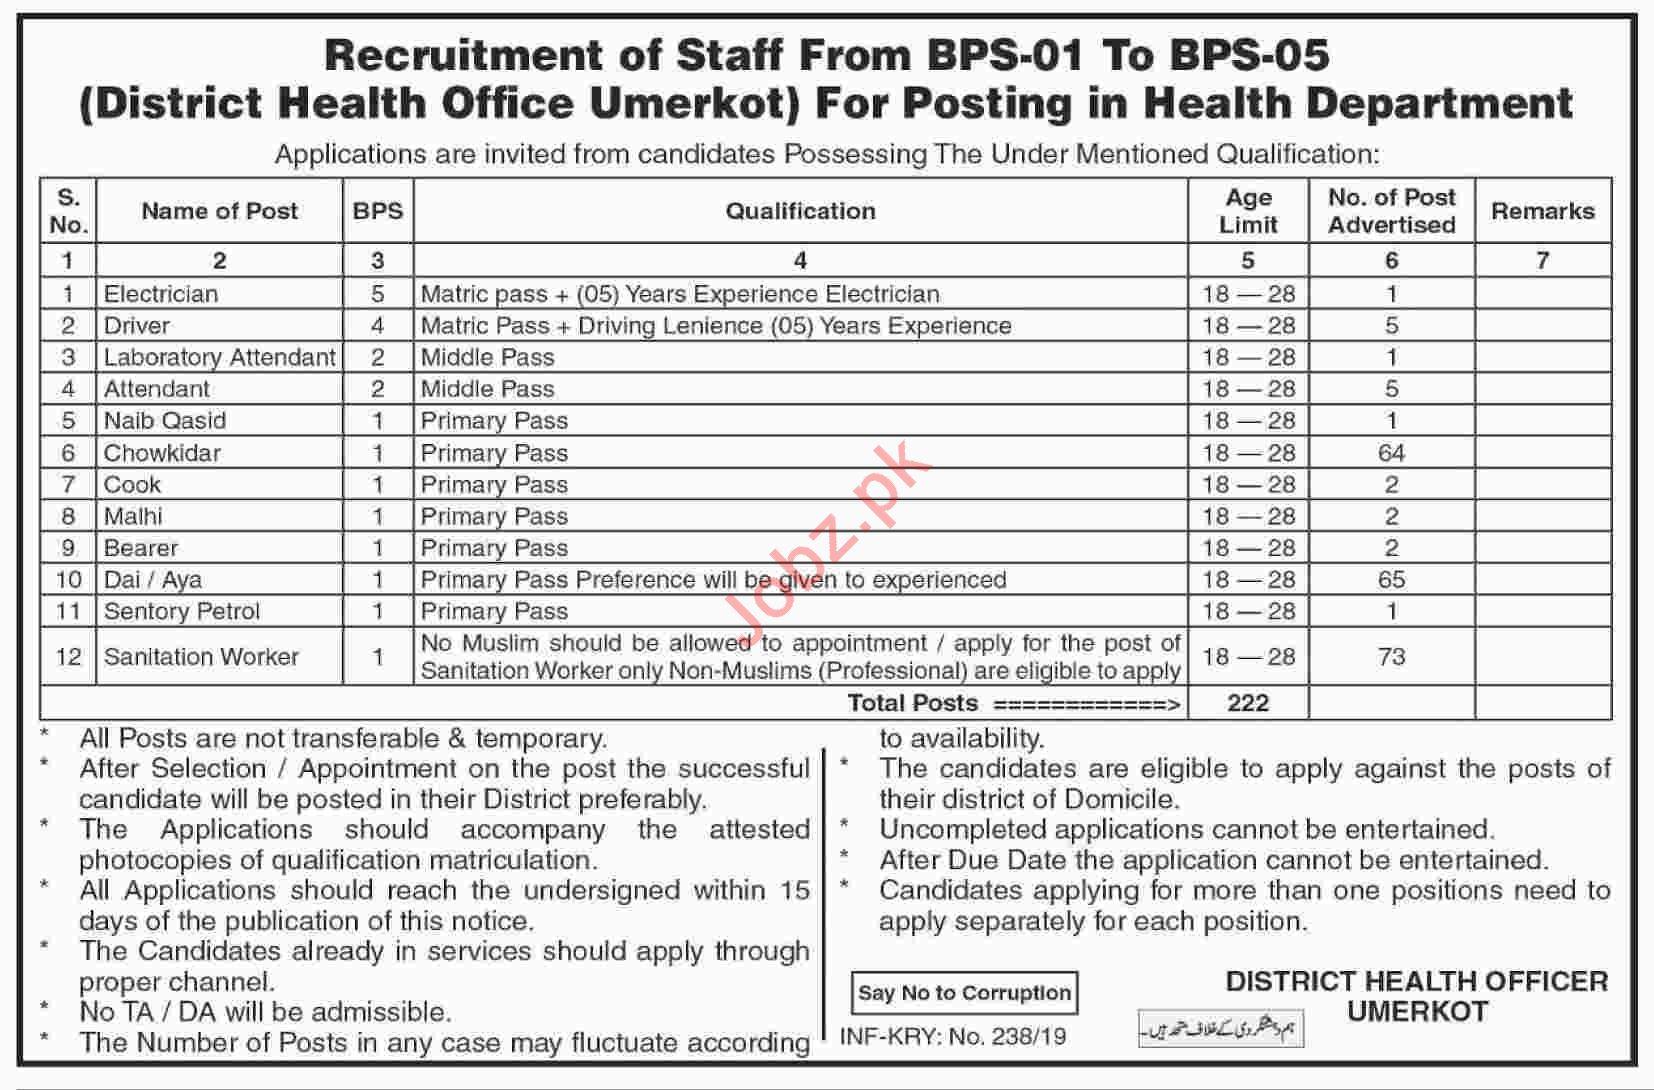 Health Department Umerkot Jobs 2019 for BPS 1 to BPS 5